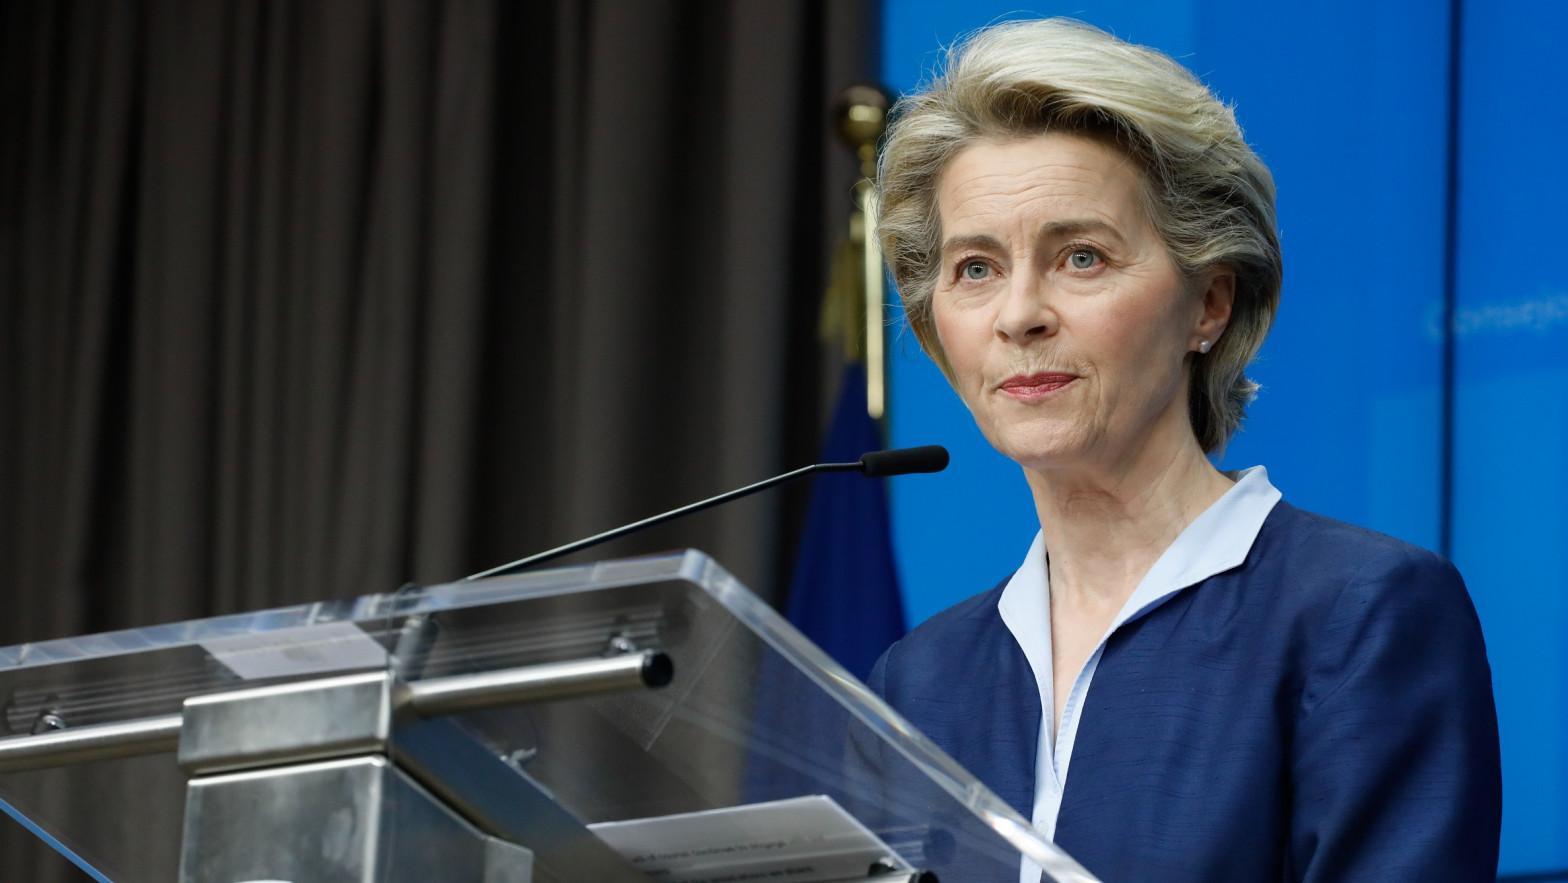 Bruselas recortará un 25% los fondos a los países que no bajen el déficit a partir de 2023